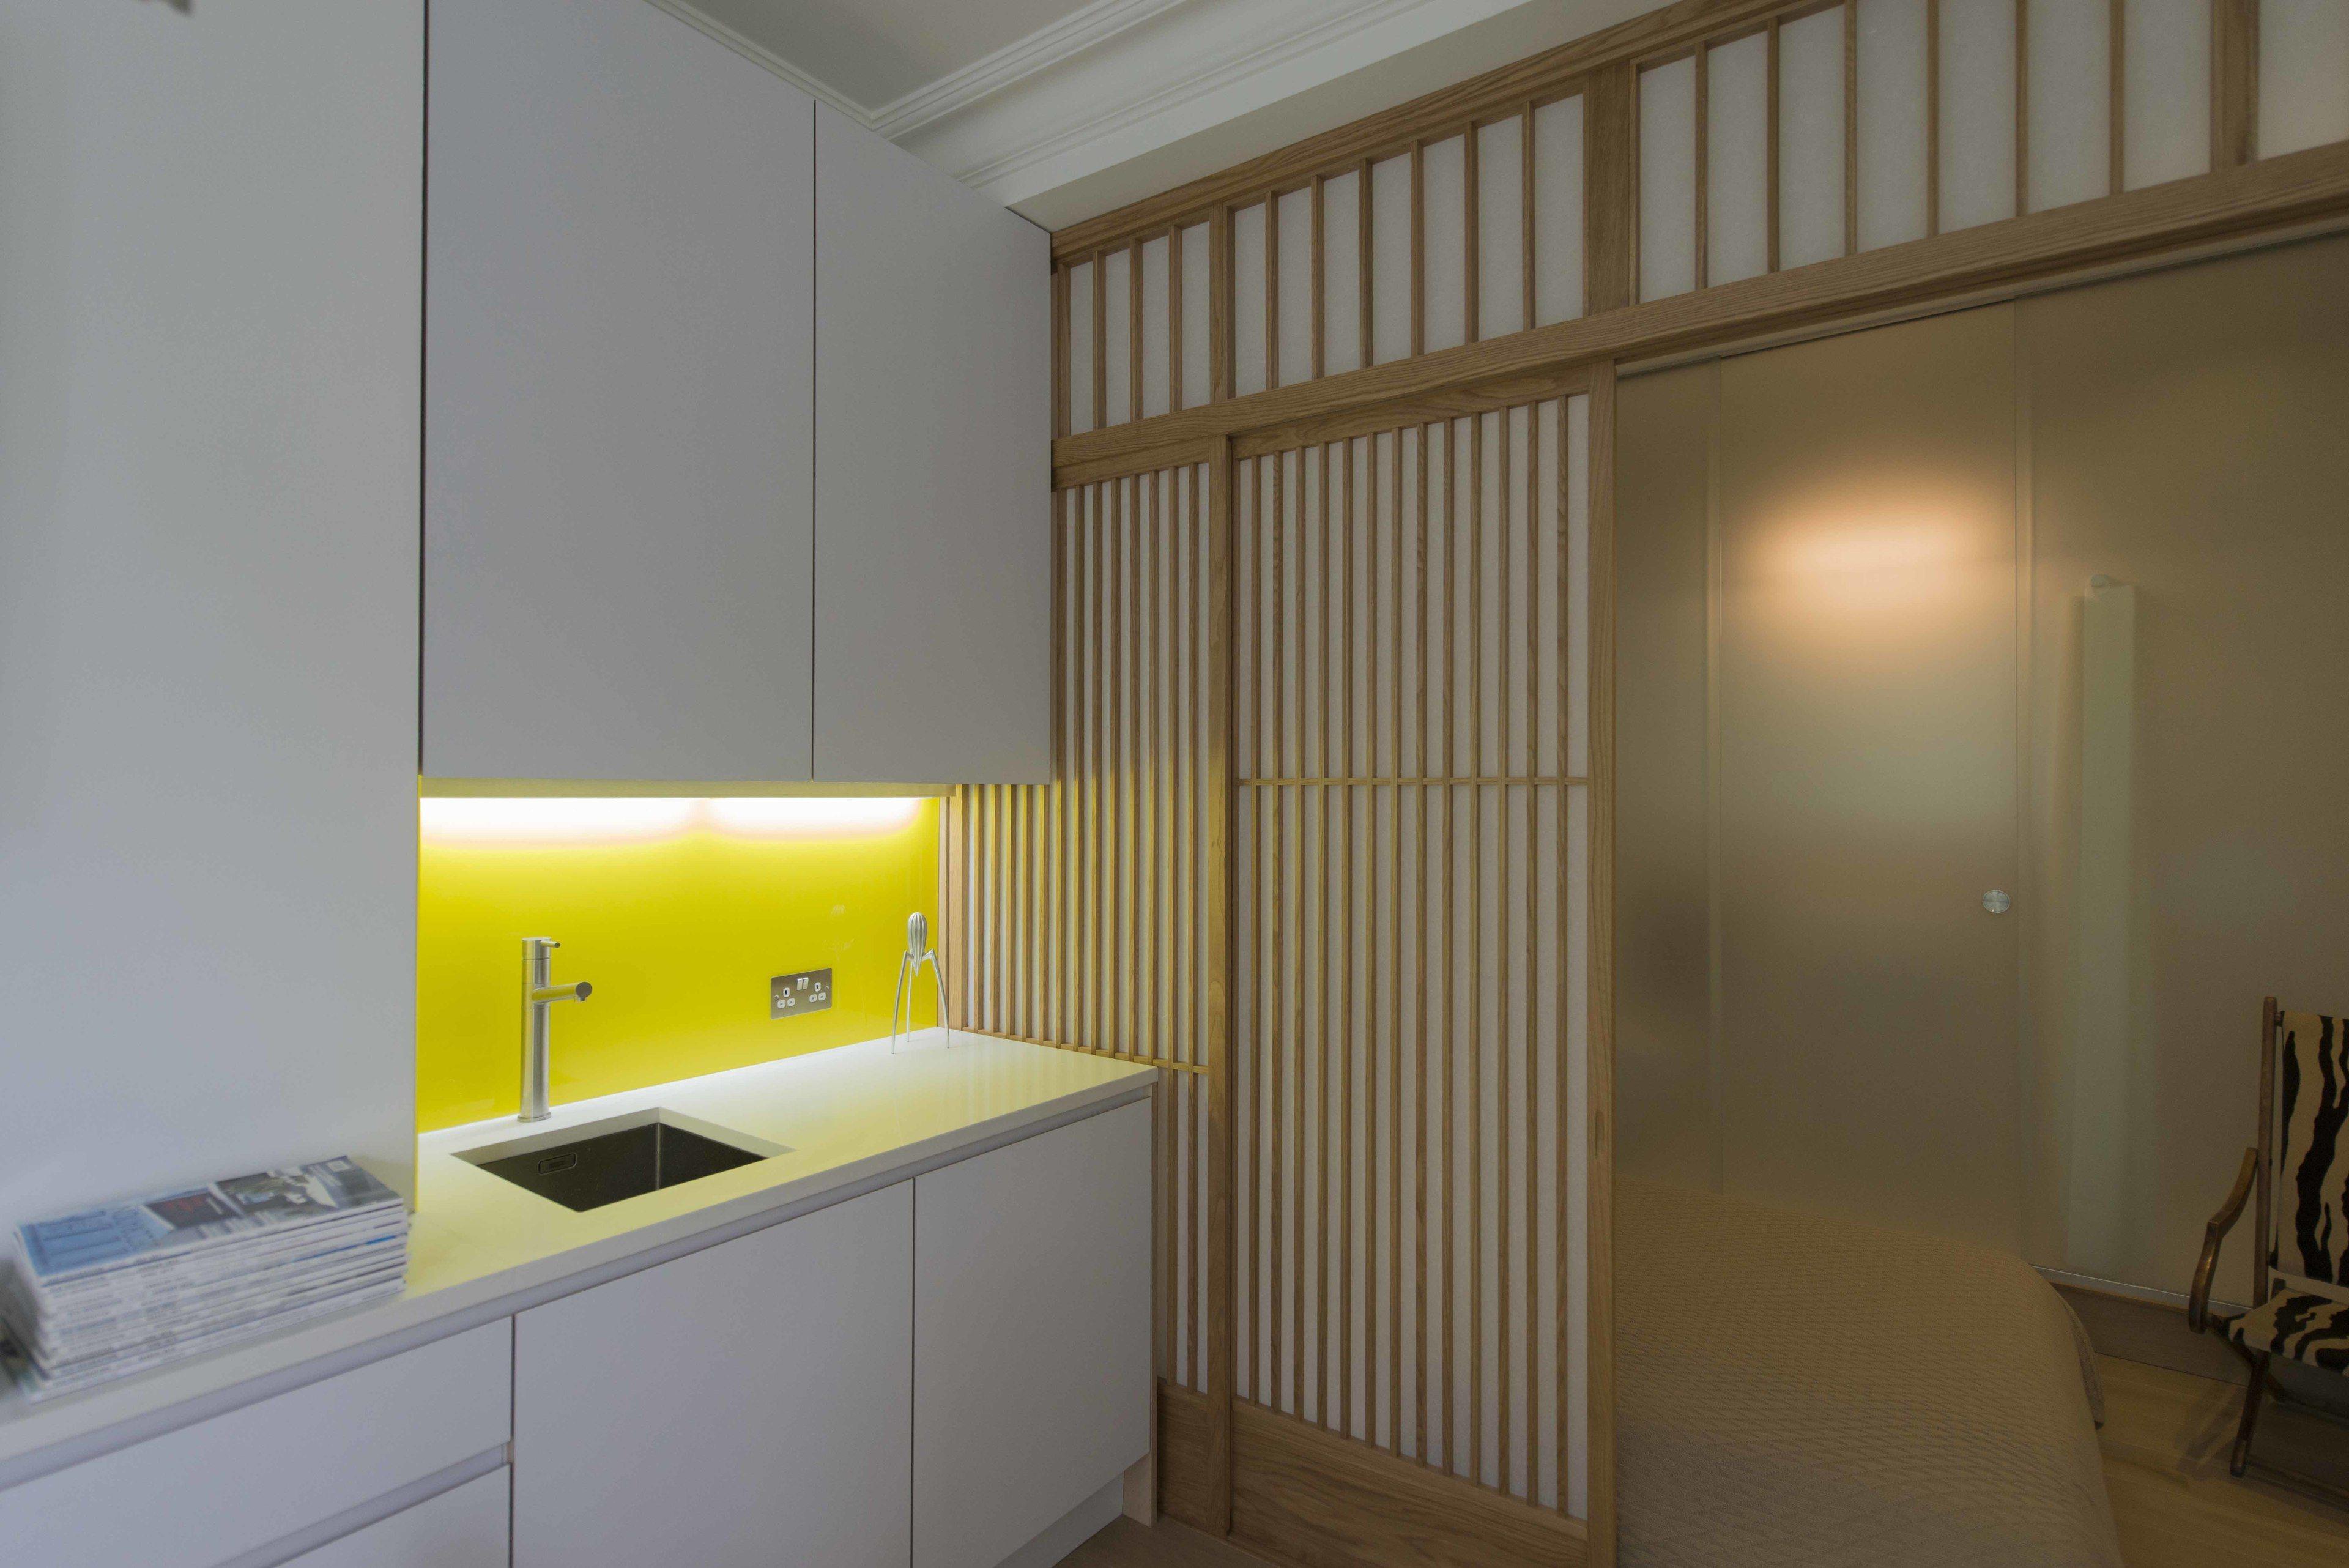 KitchenandBed002.jpg